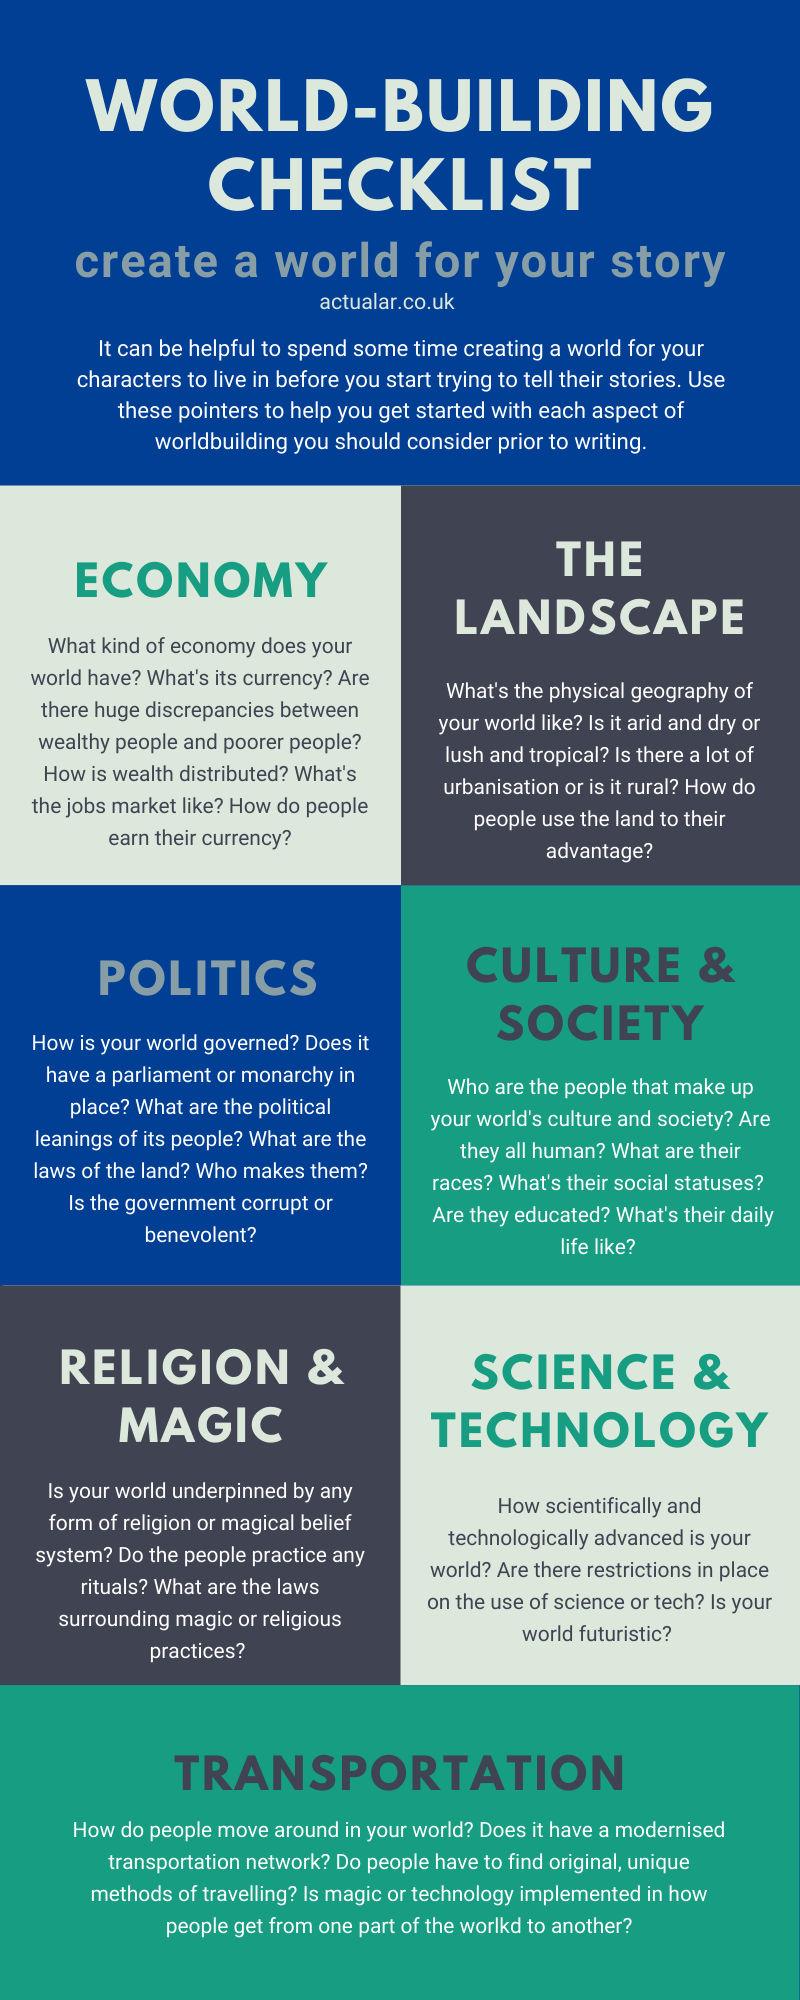 worldbuilding checklist